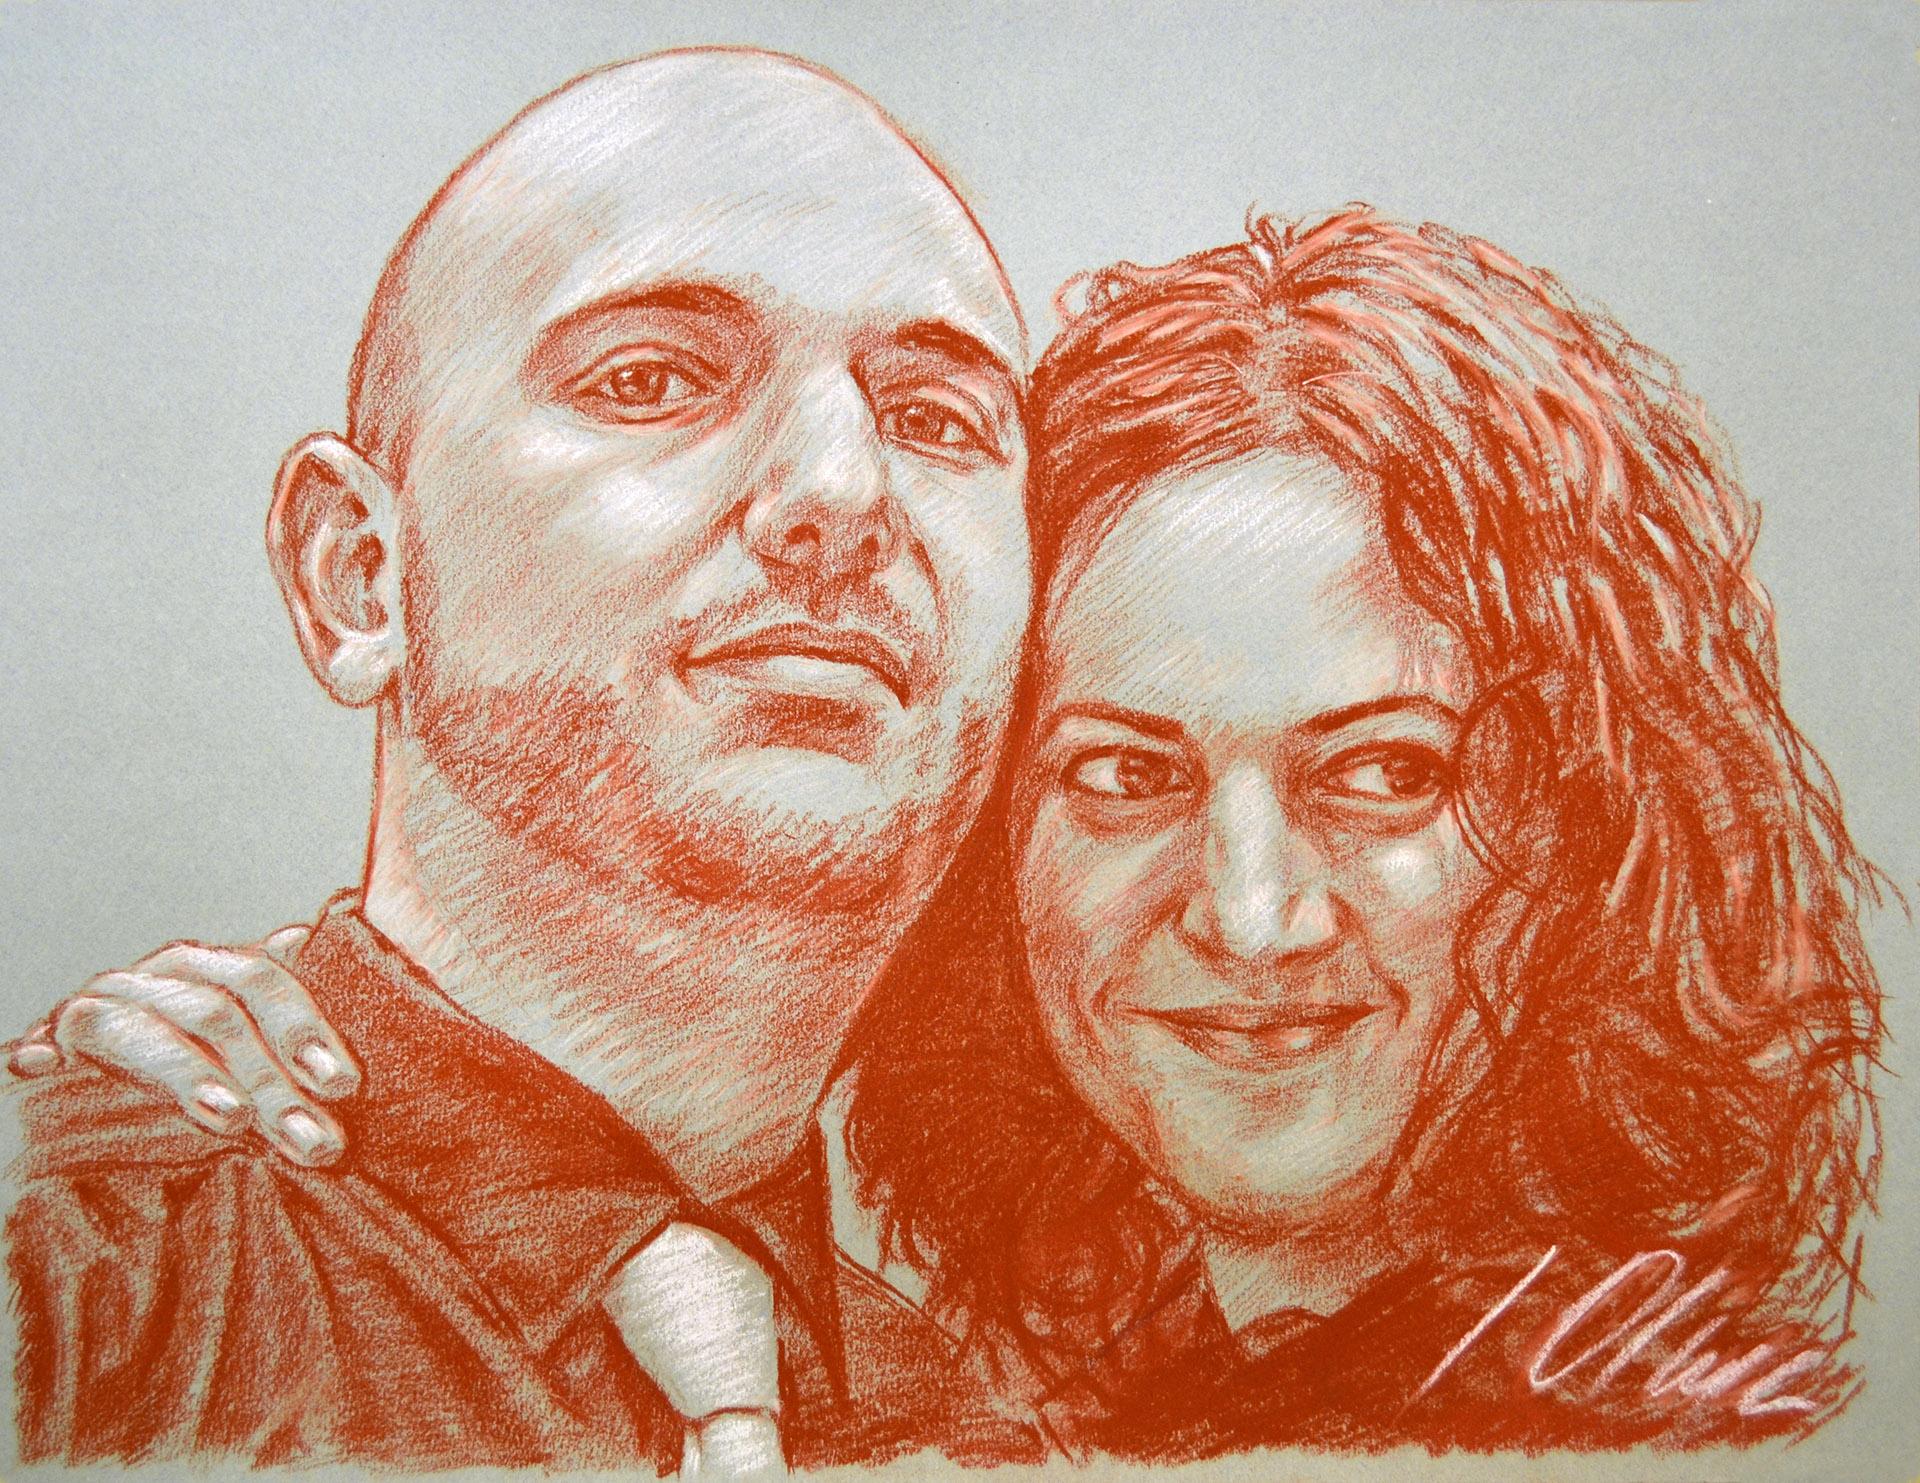 Isa y Mario. Sanguina, retratos, Javier Olmedo, 2011